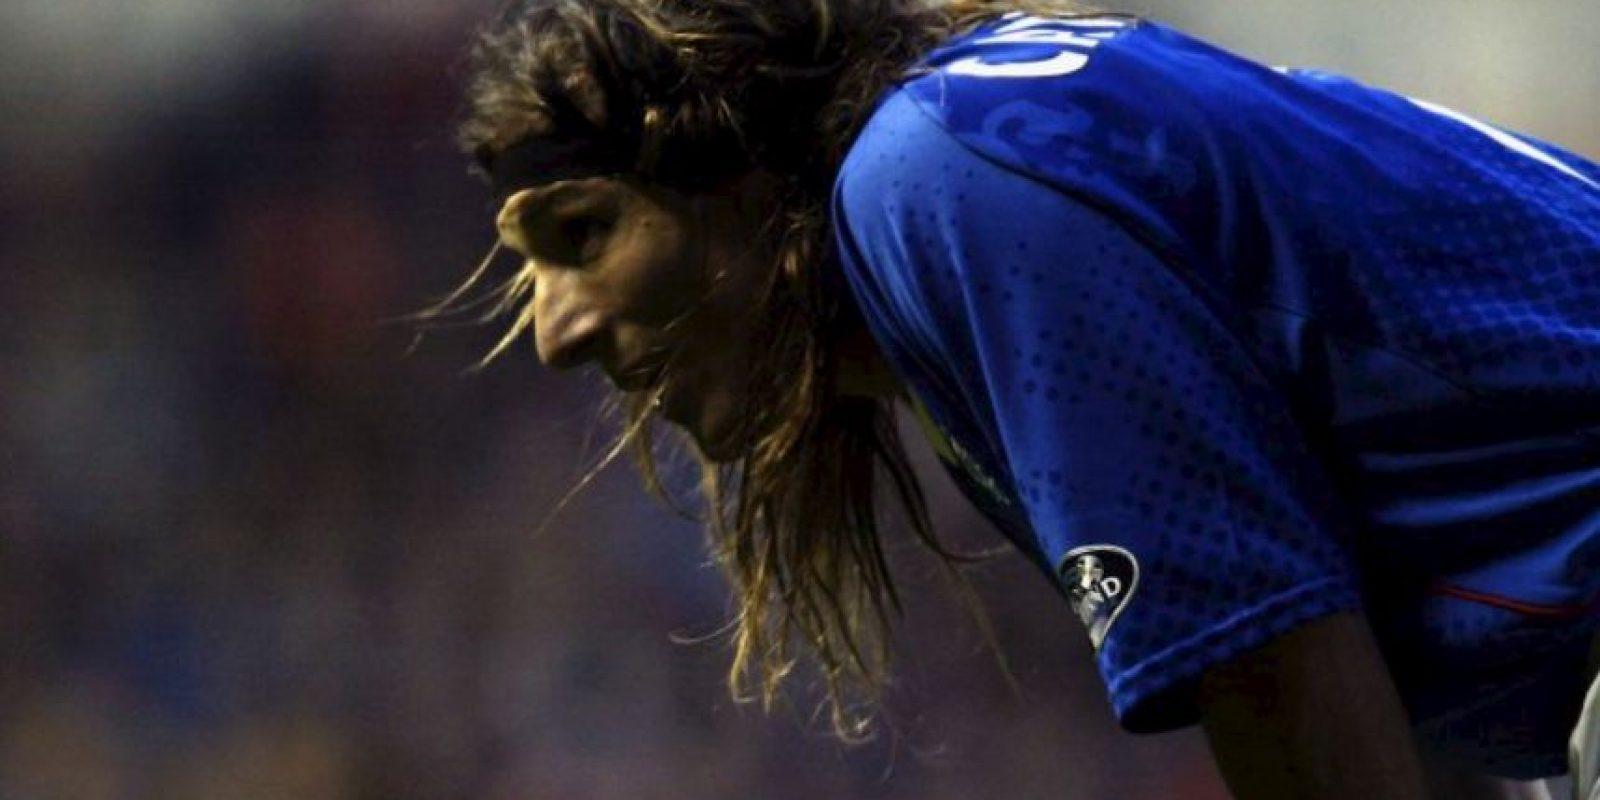 Claudio Caniggia: Amigo de Maradona, el ex jugador argentino dio positivo de cocaína en marzo de 1993. Foto:Getty Images